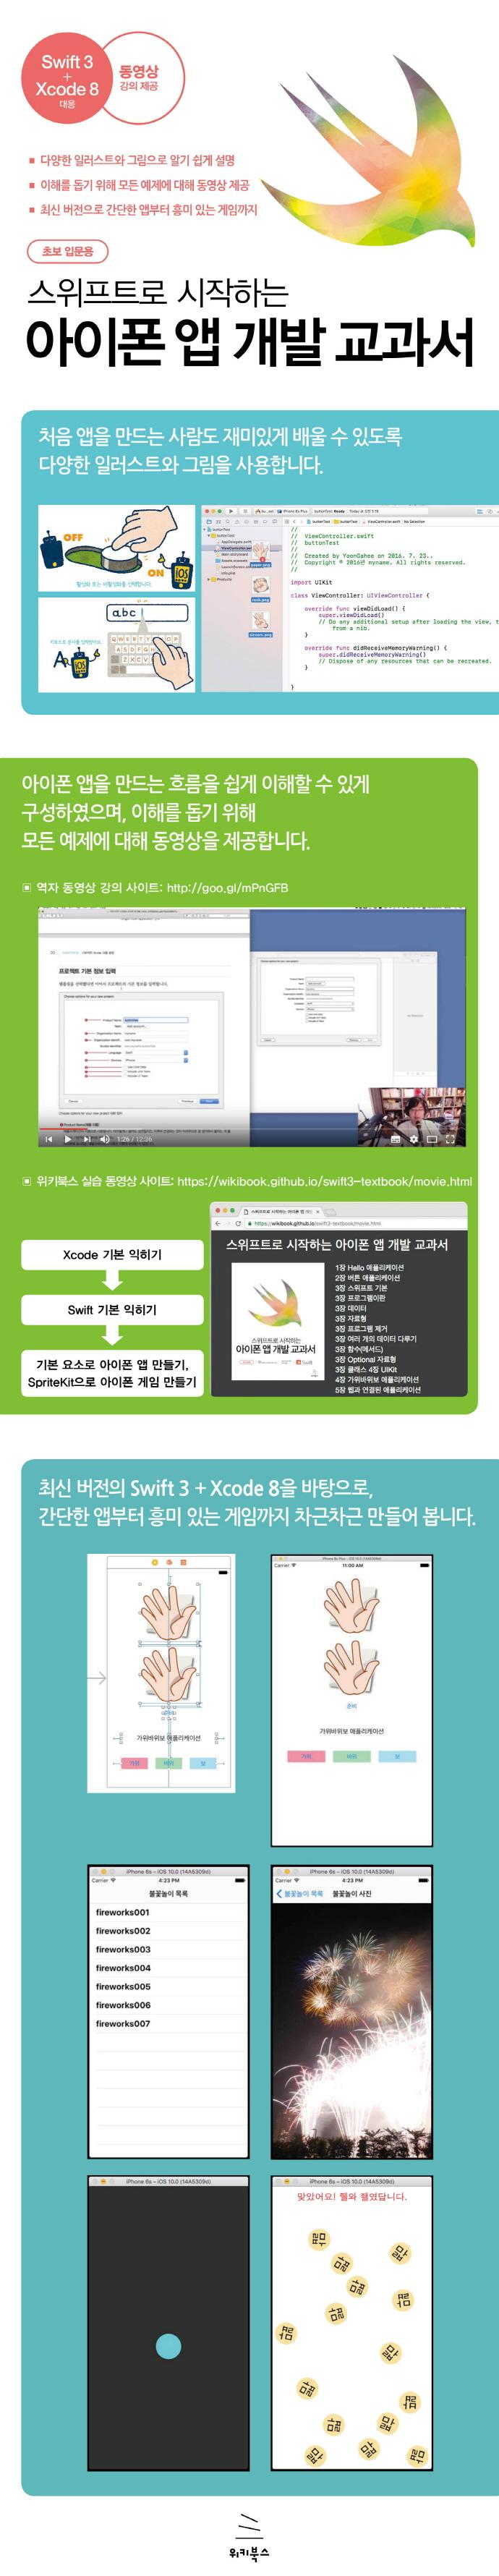 스위프트로 시작하는 아이폰 앱 개발 교과서: 초보 입문용(위키북스 임베디드 & 모바일 시리즈 32) 도서 상세이미지